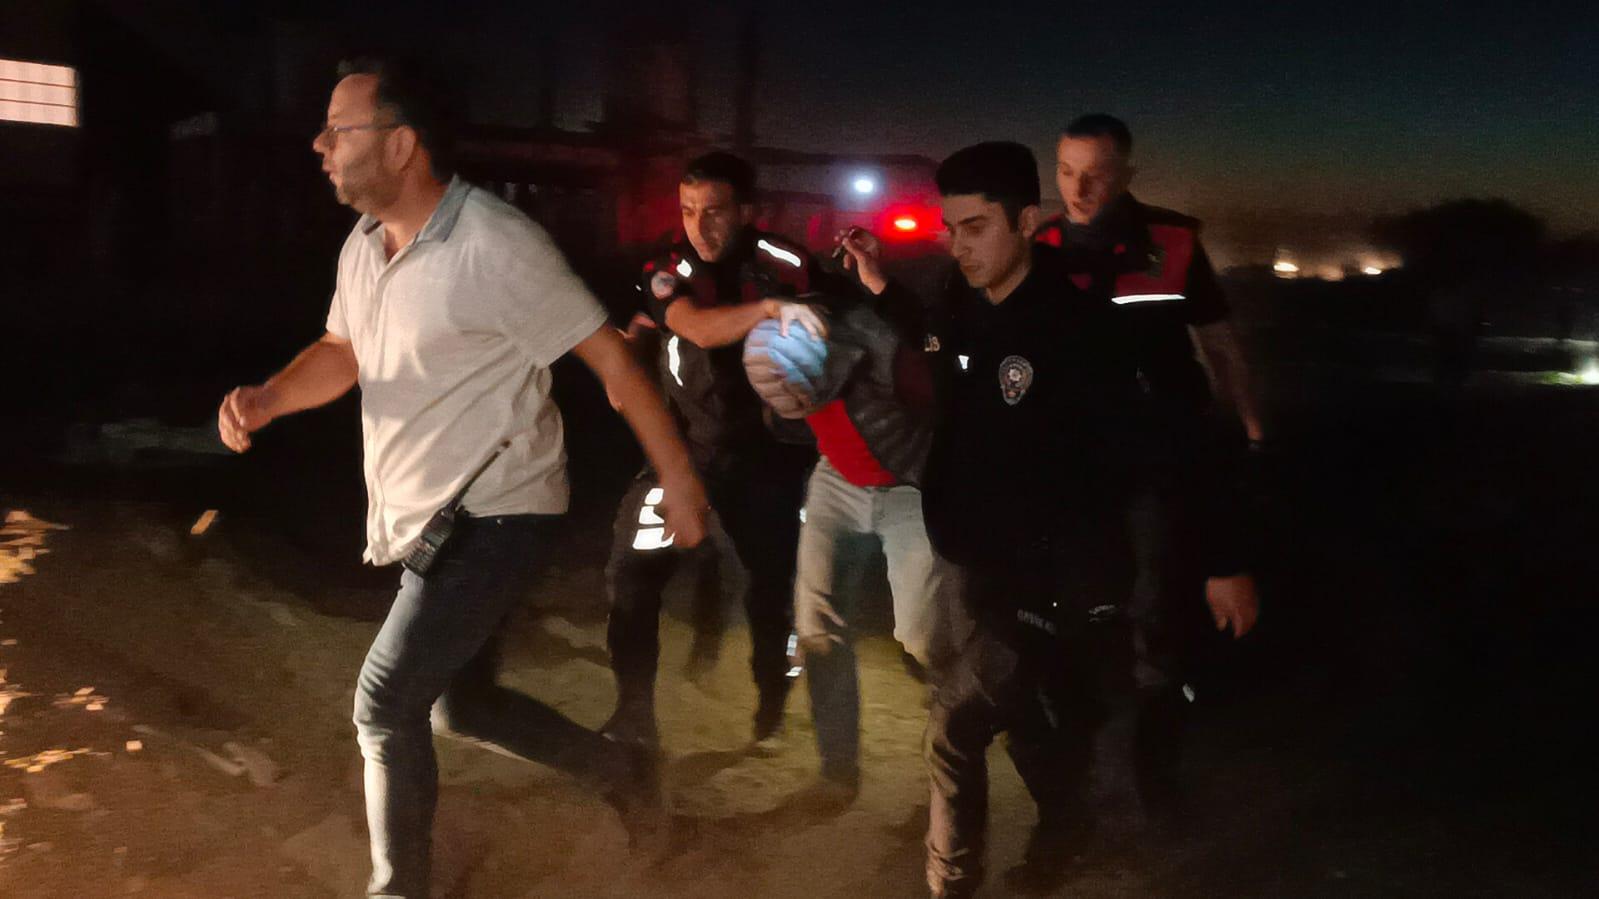 Üç Kişiyi Yaralayan Şehir Mangandası Yakalandı